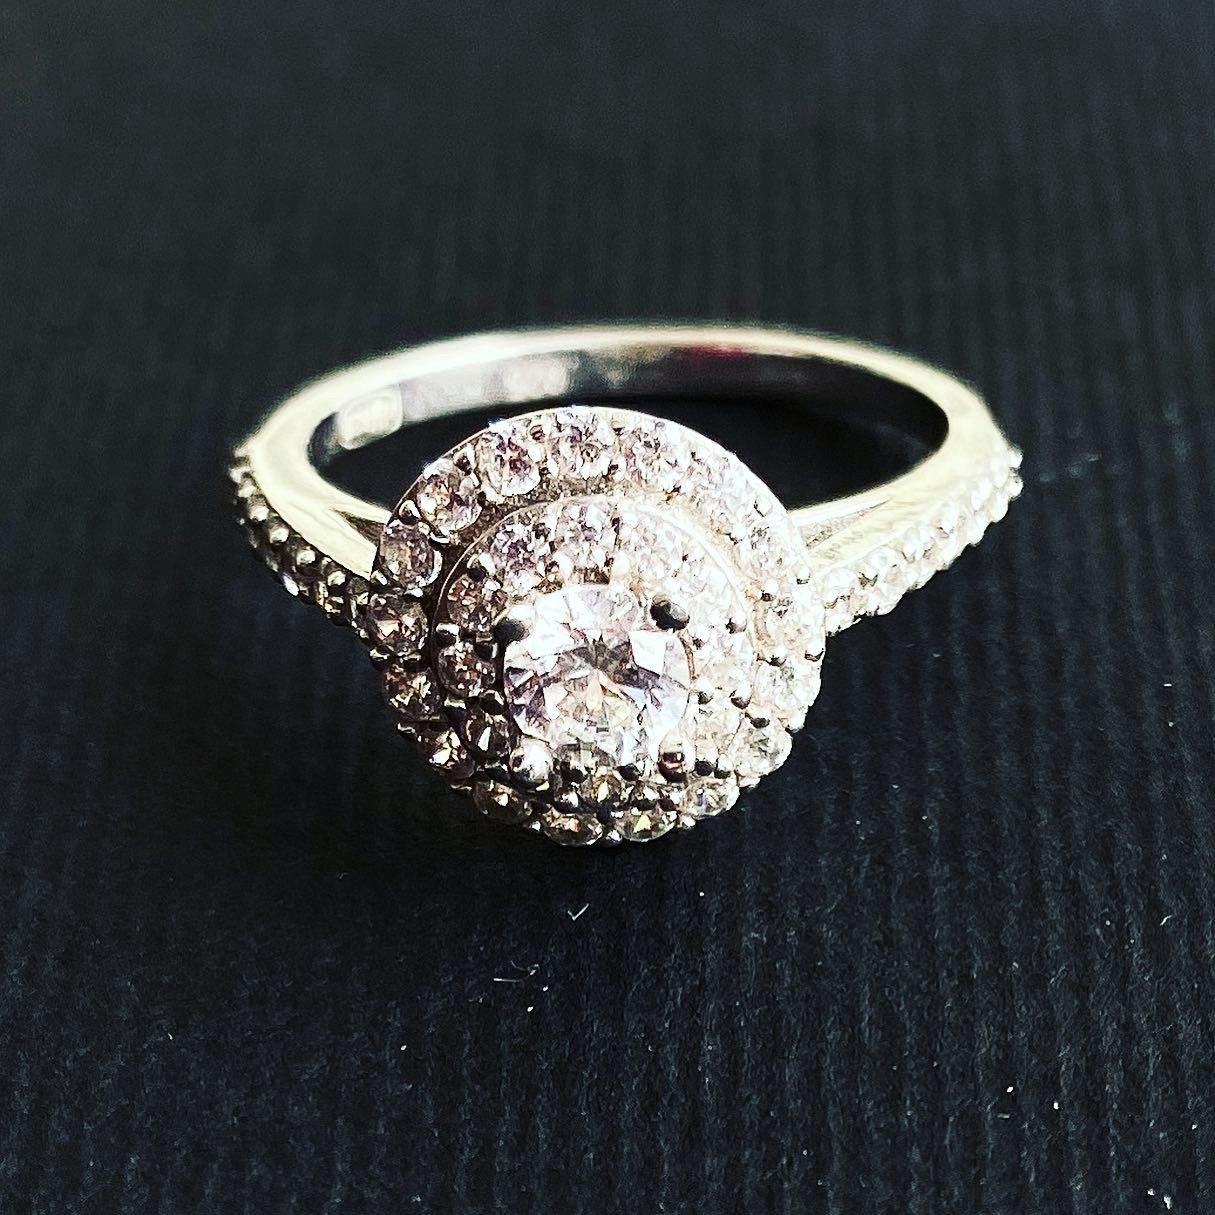 Кольцо Beauty Bar из серебра с камнями Swarovski (размеры 16 и 16,5)